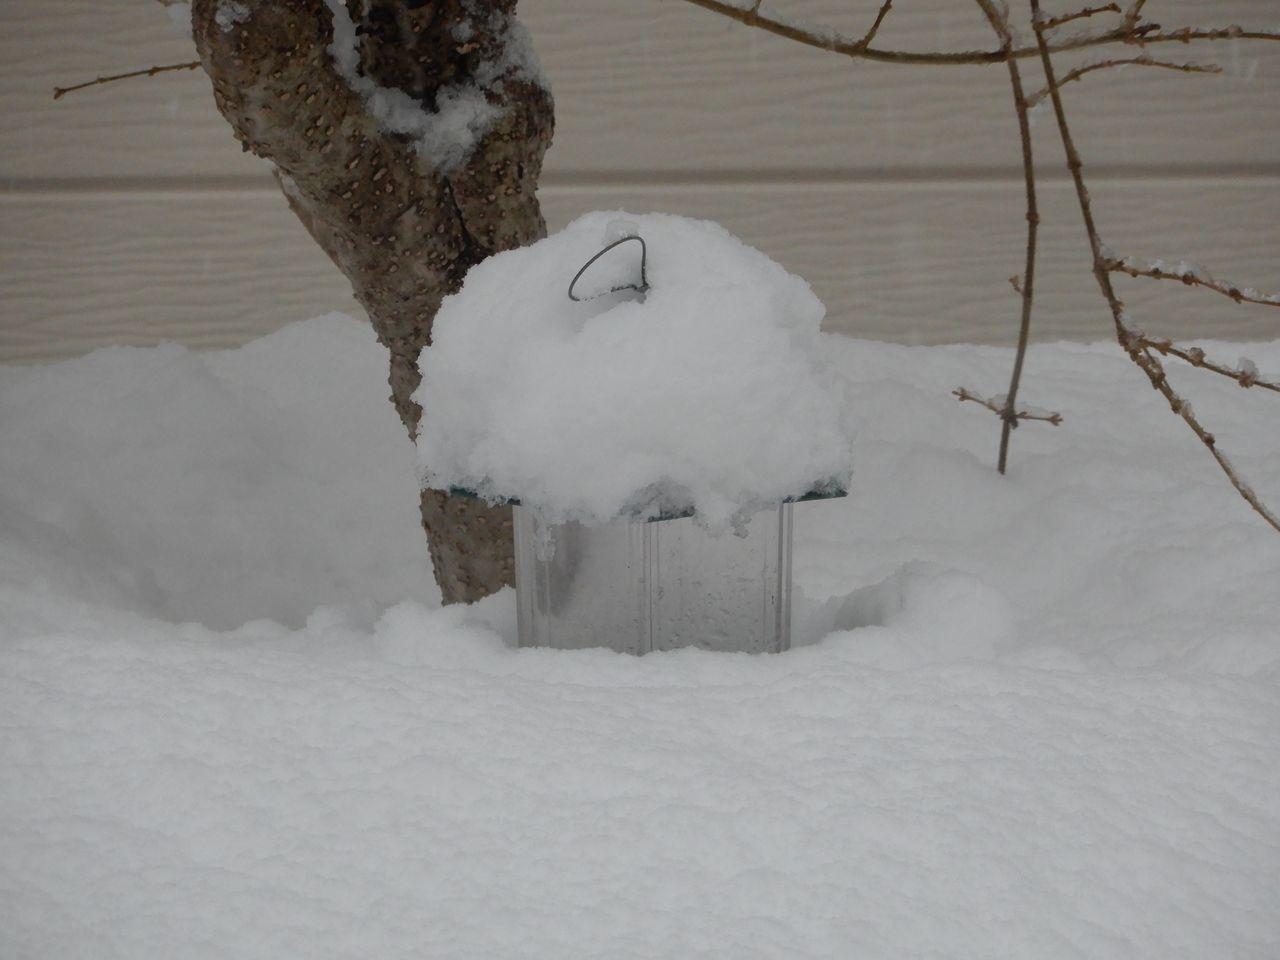 水よりも重い雪が積もりました_c0025115_22262967.jpg